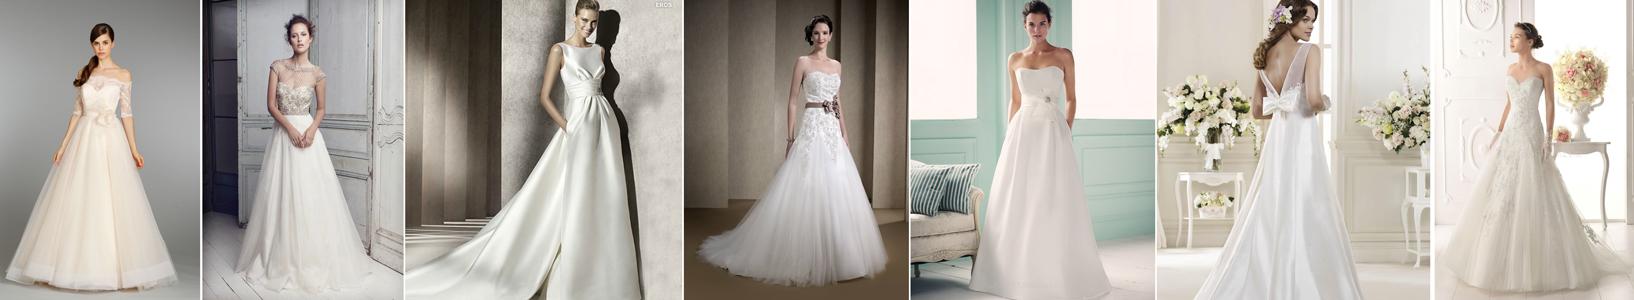 poradnik ślubny - suknia ślubna linia A - ukrywa brak wcięcia w talii